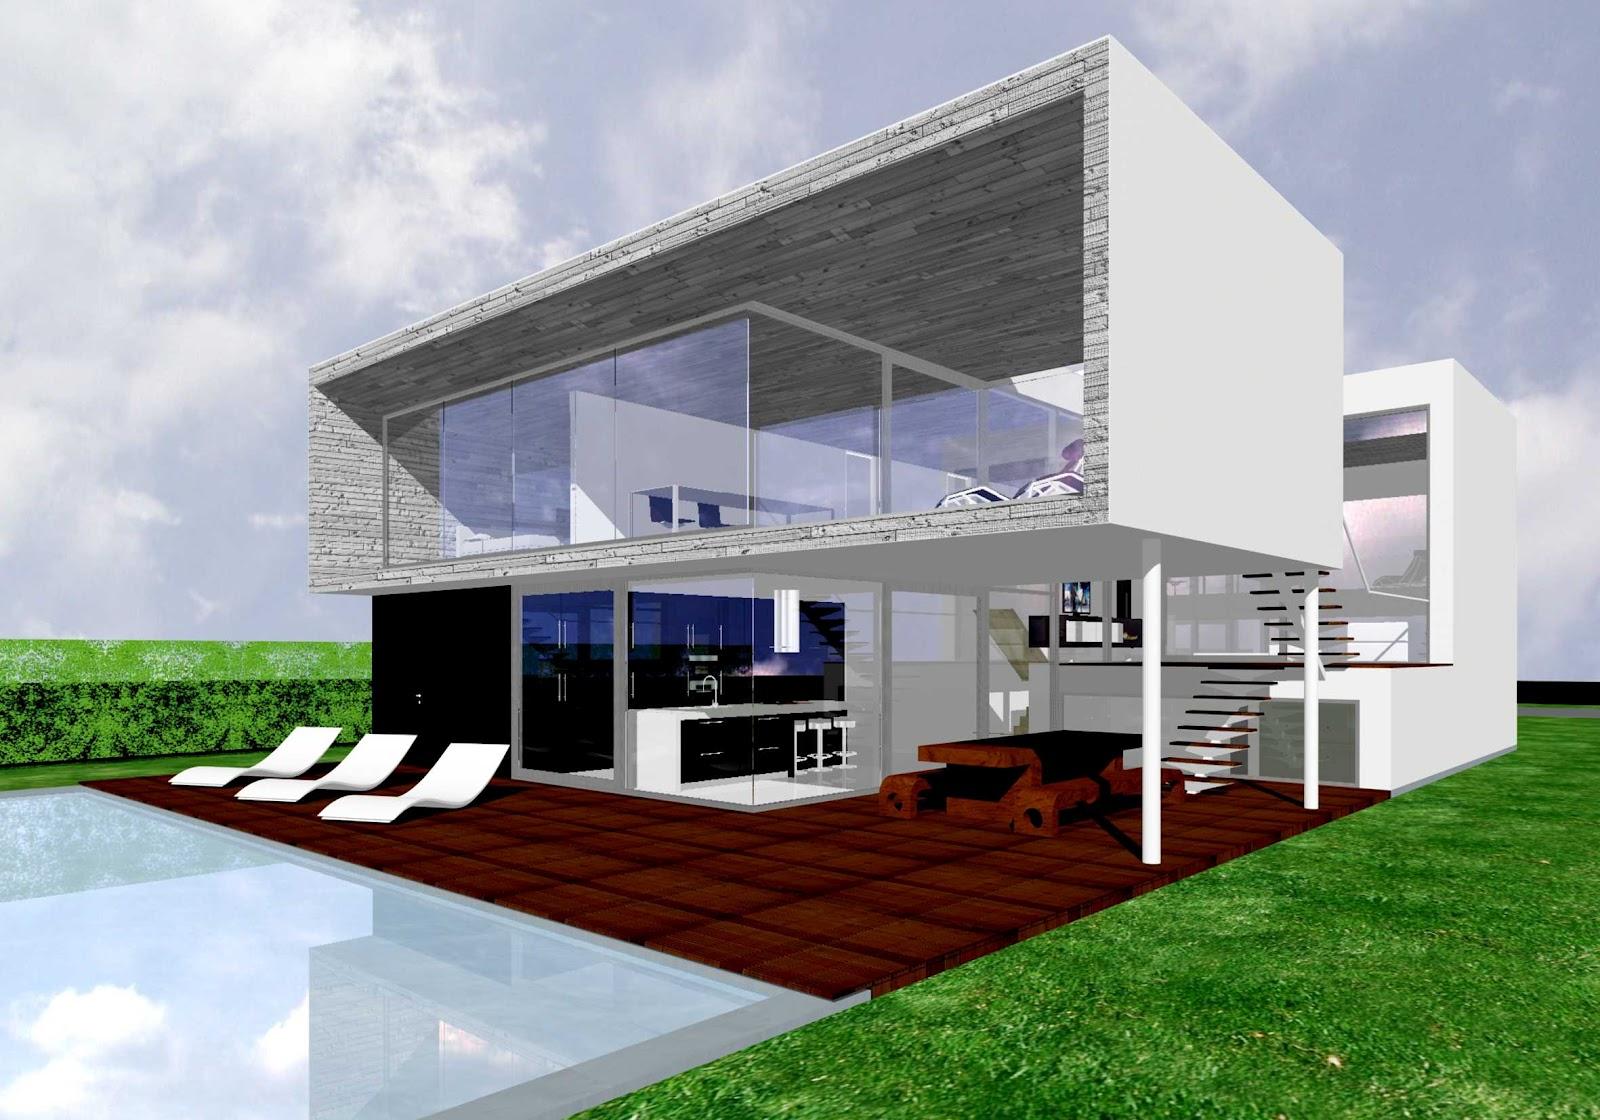 De moderne architectuur max8 - Buiten villa outs ...